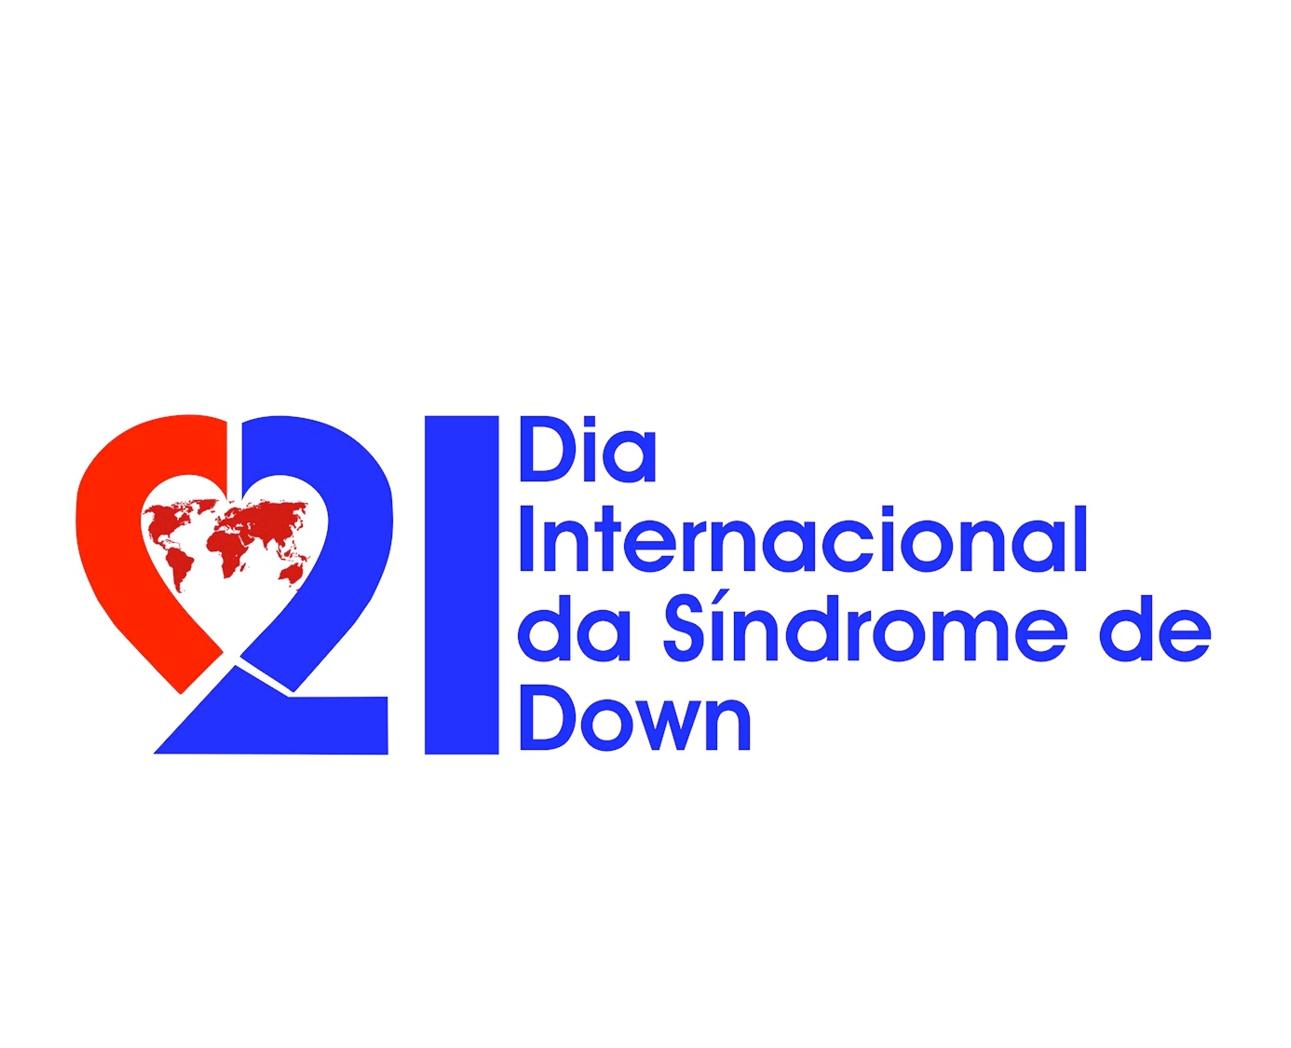 Programação do Dia Internacional da Síndrome de Down 2017